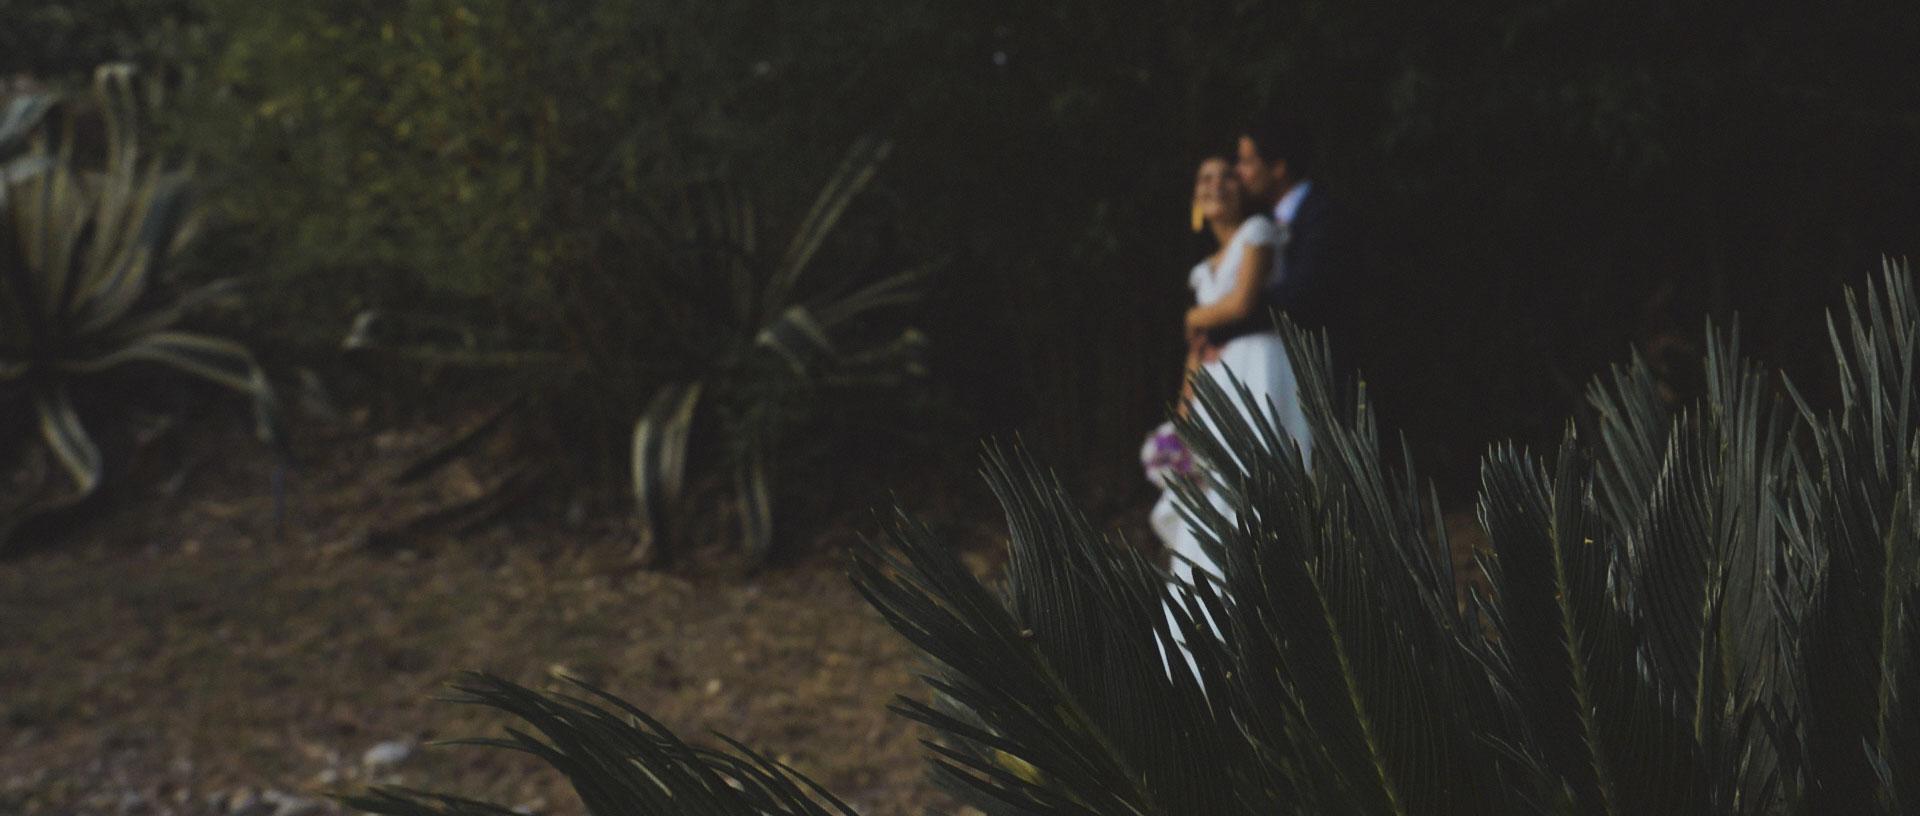 Sónia & Diogo - Wedding